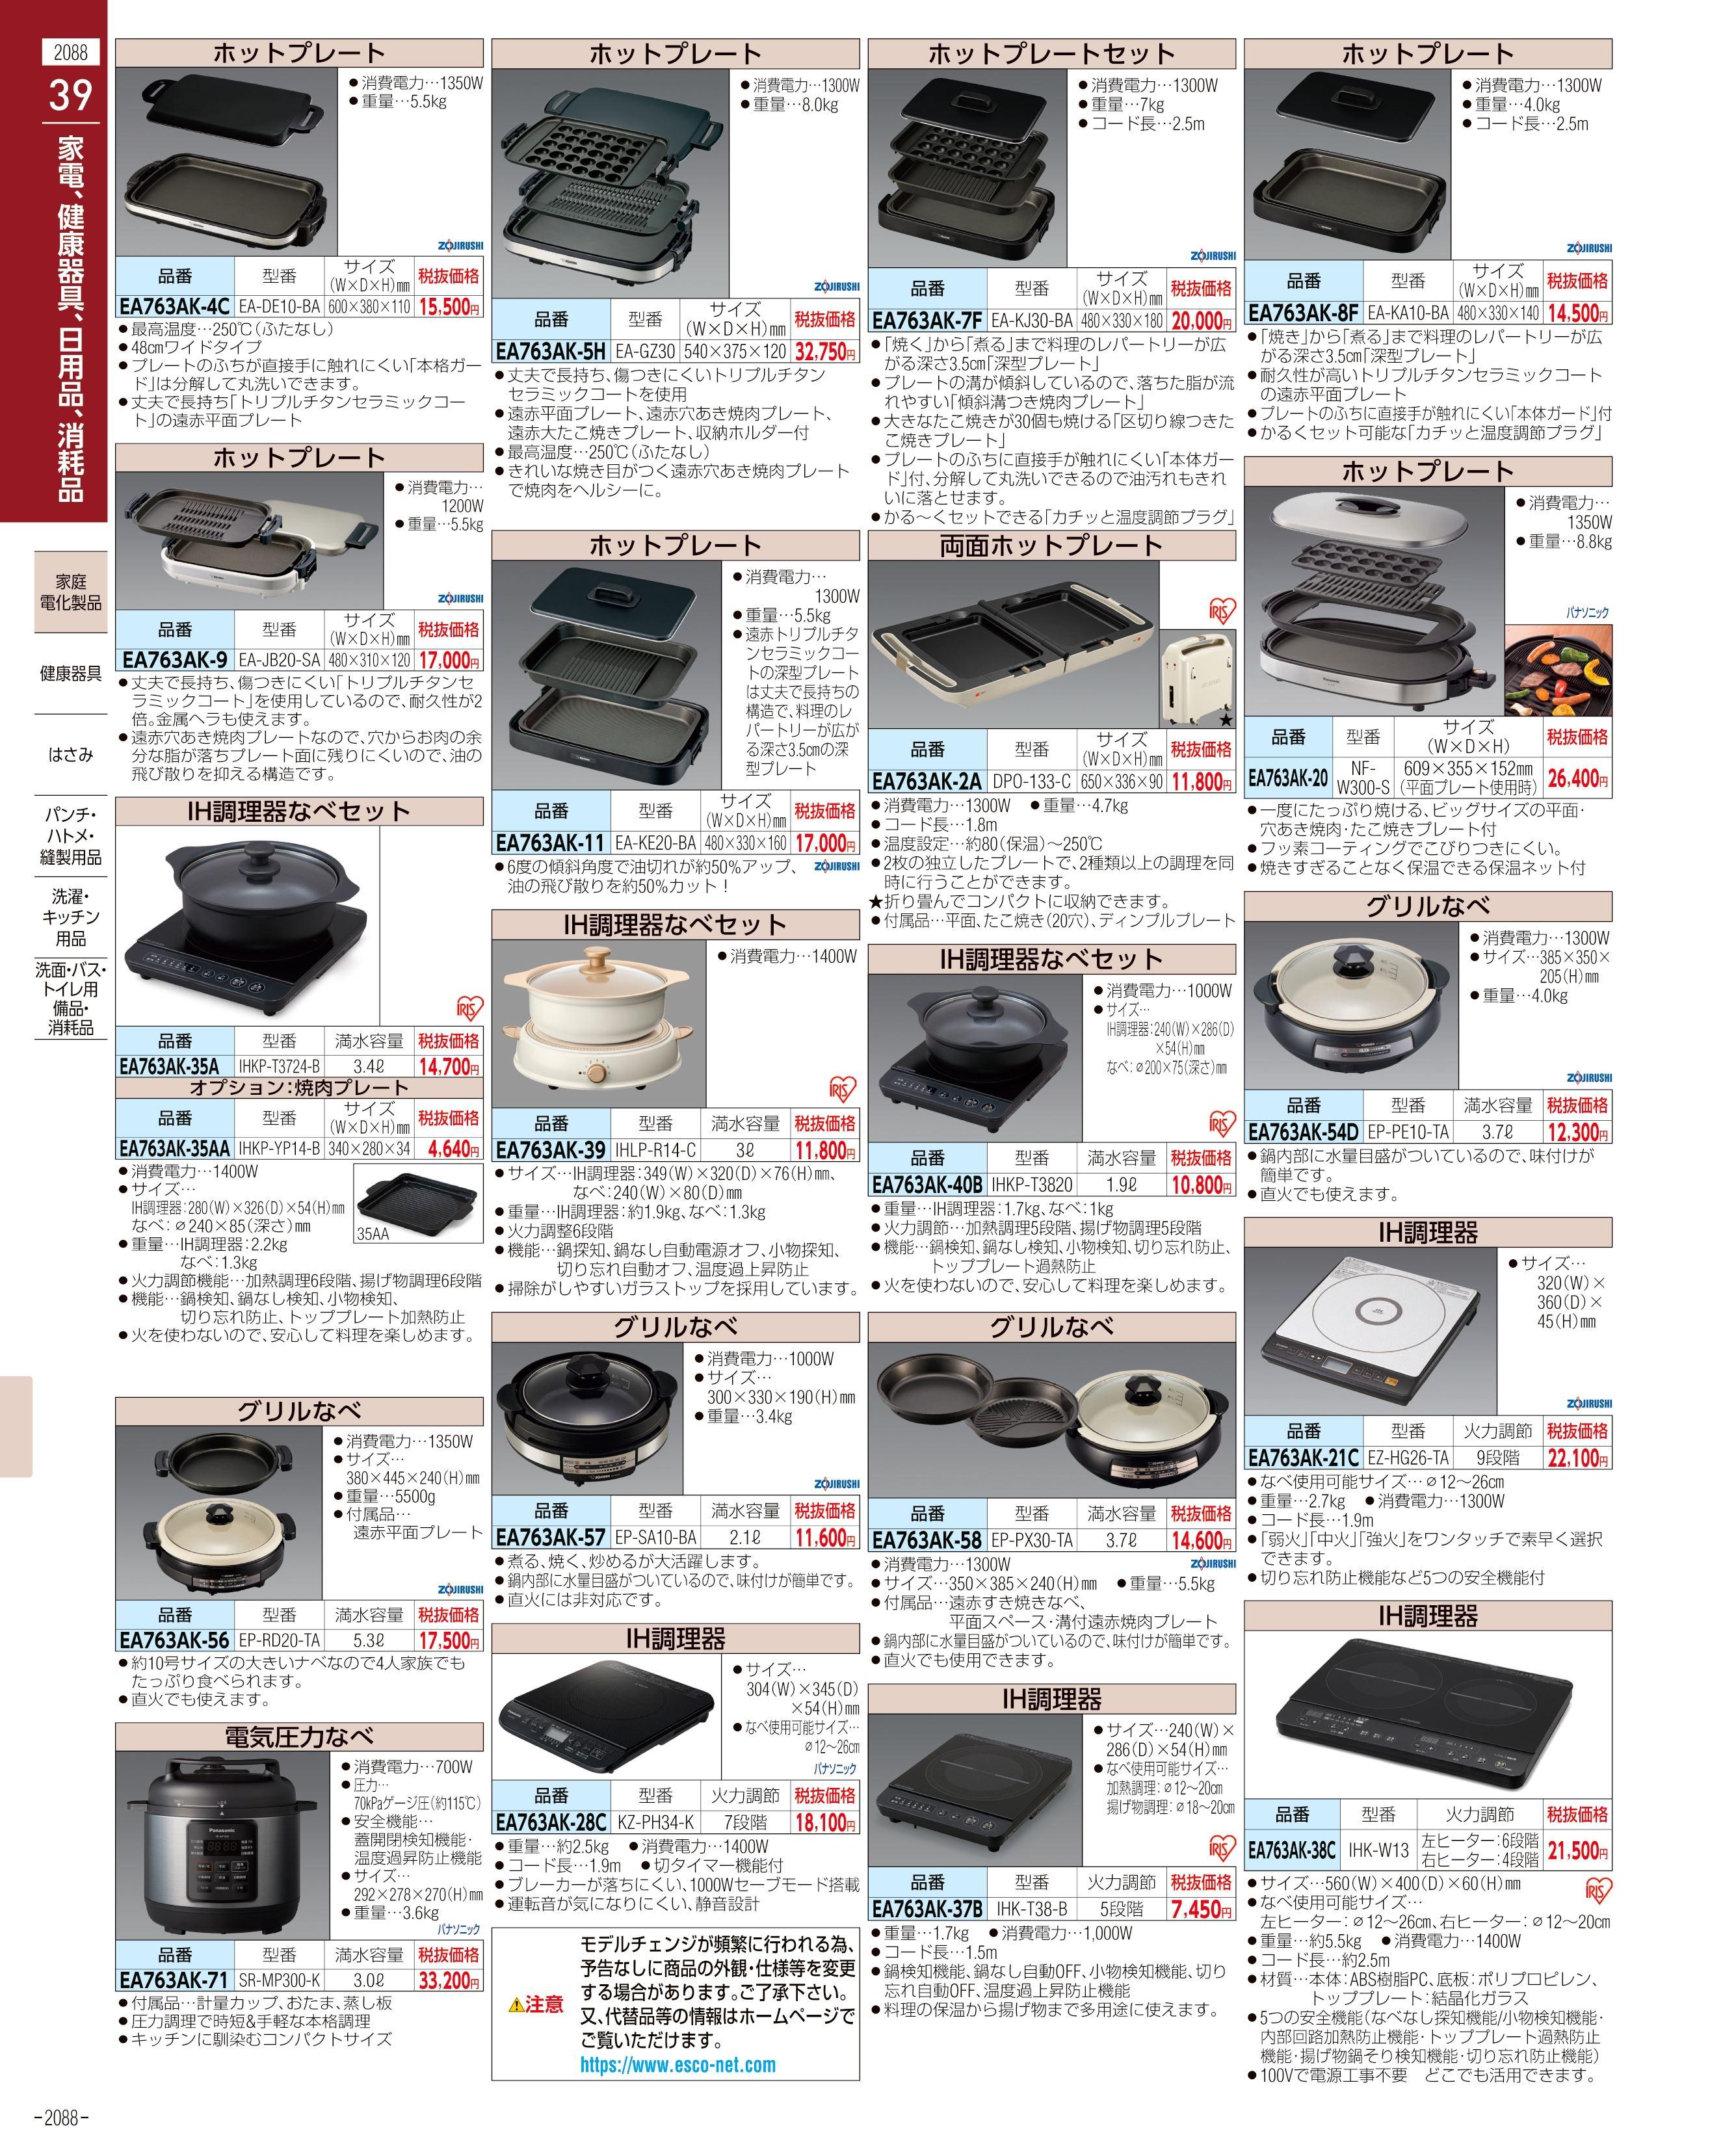 エスコ便利カタログ2088ページ